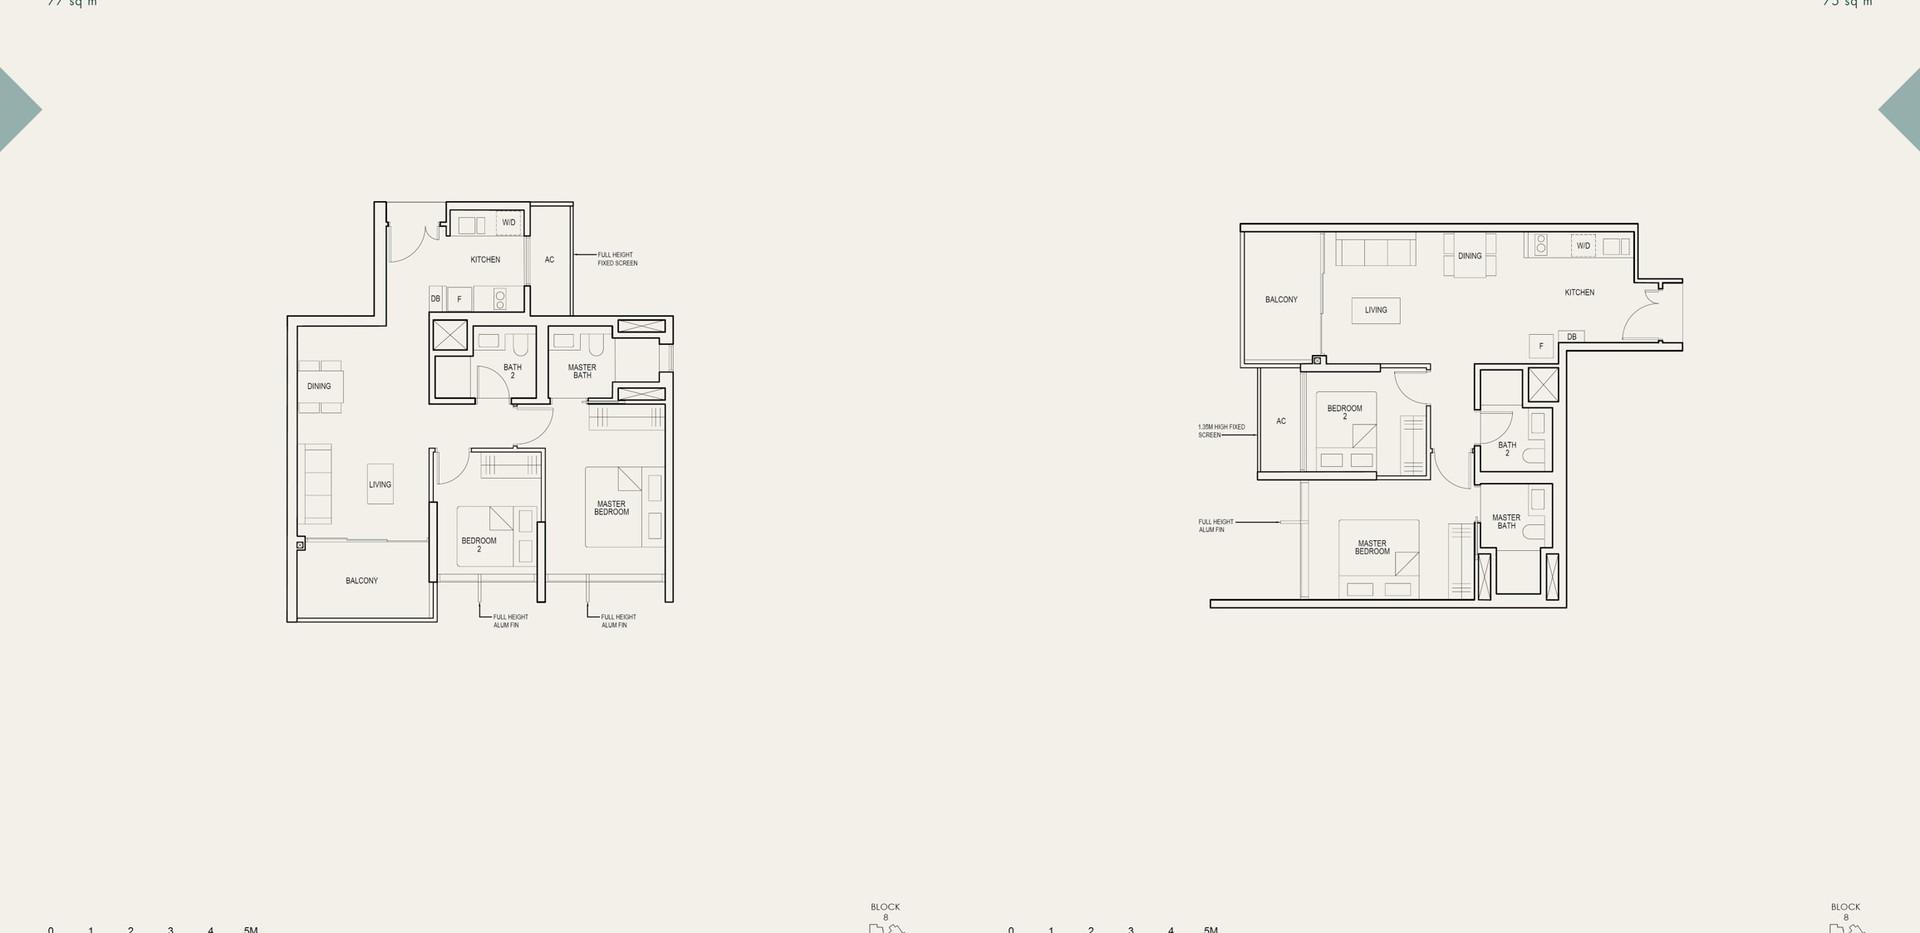 Floor Plan - Pg 2.jpg